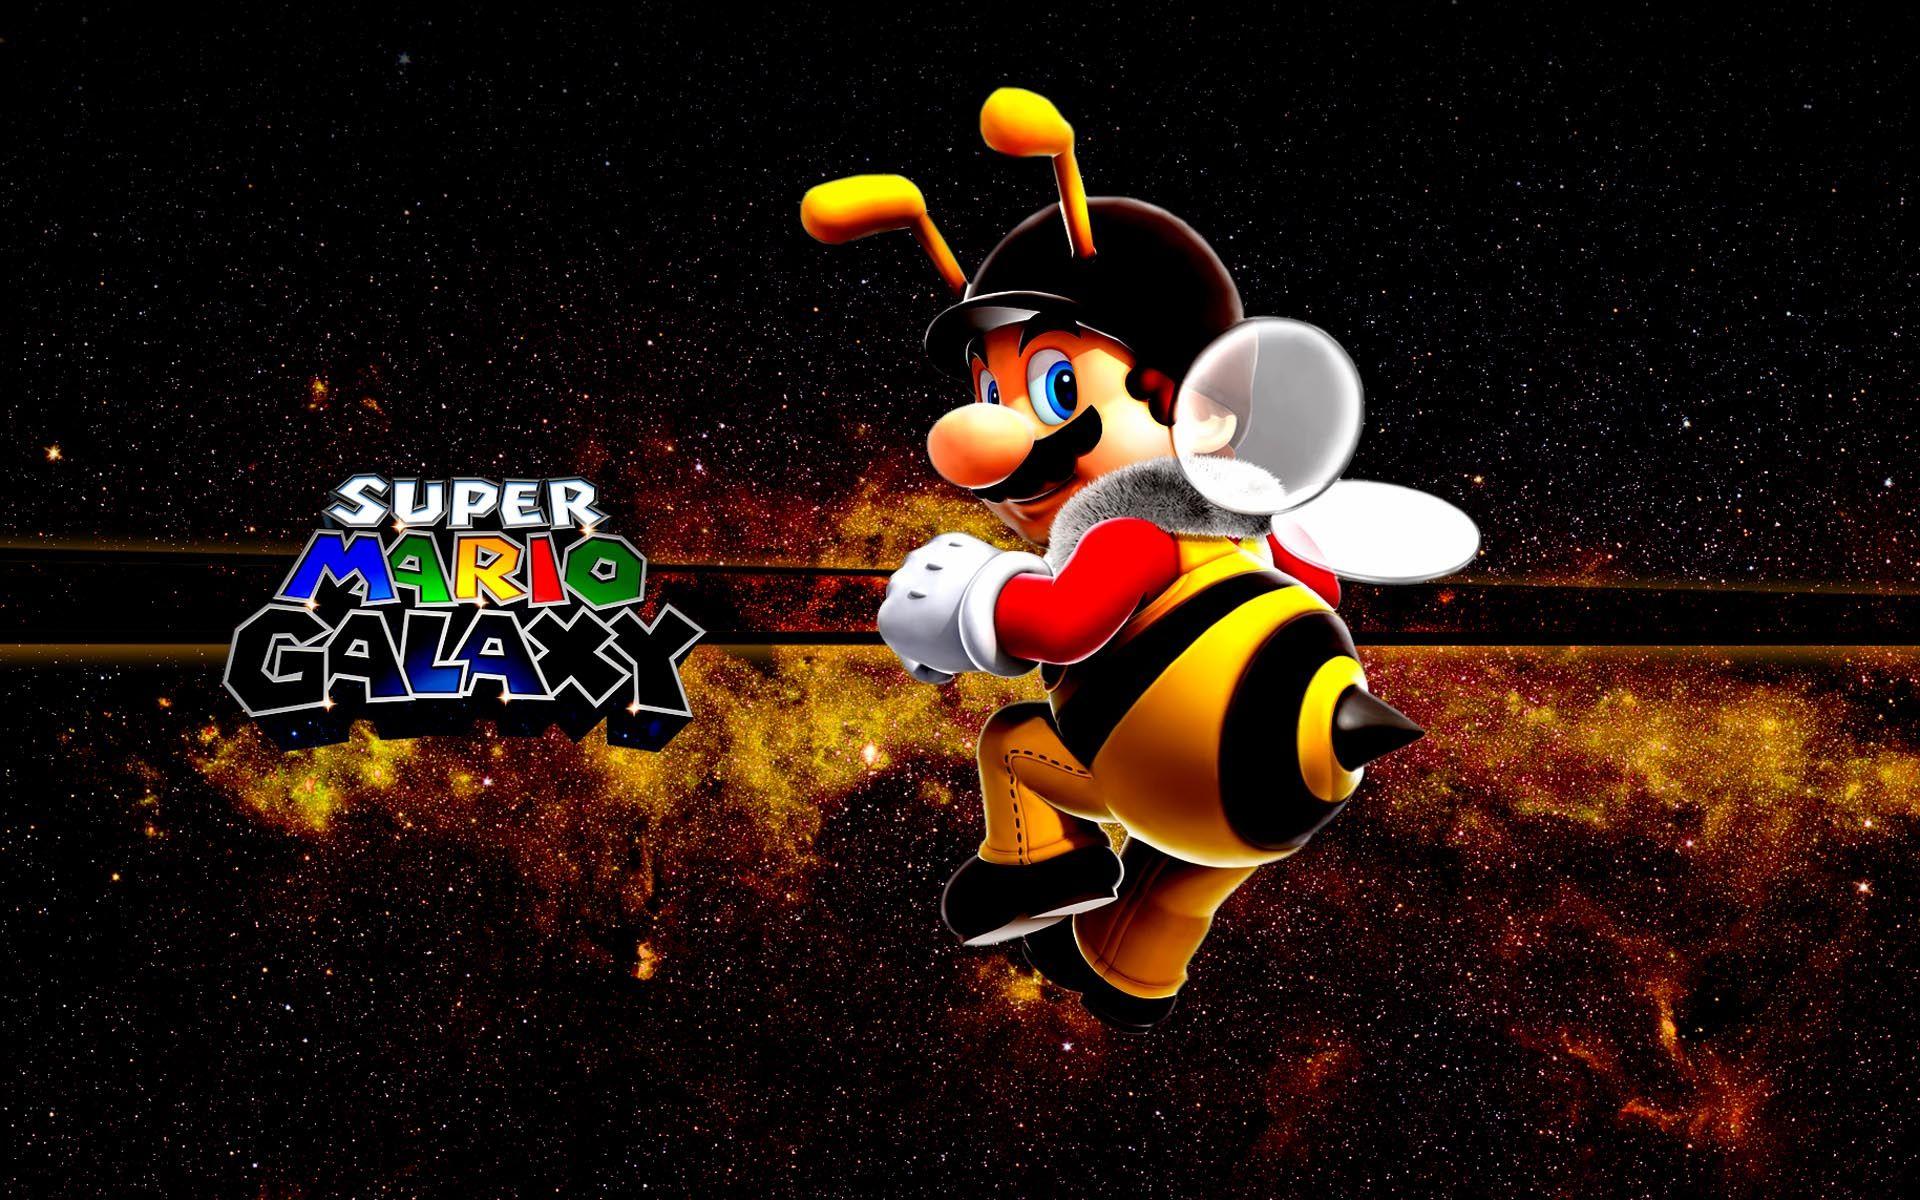 Super Mario Galaxy Wallpapers: Super Mario Wallpaper